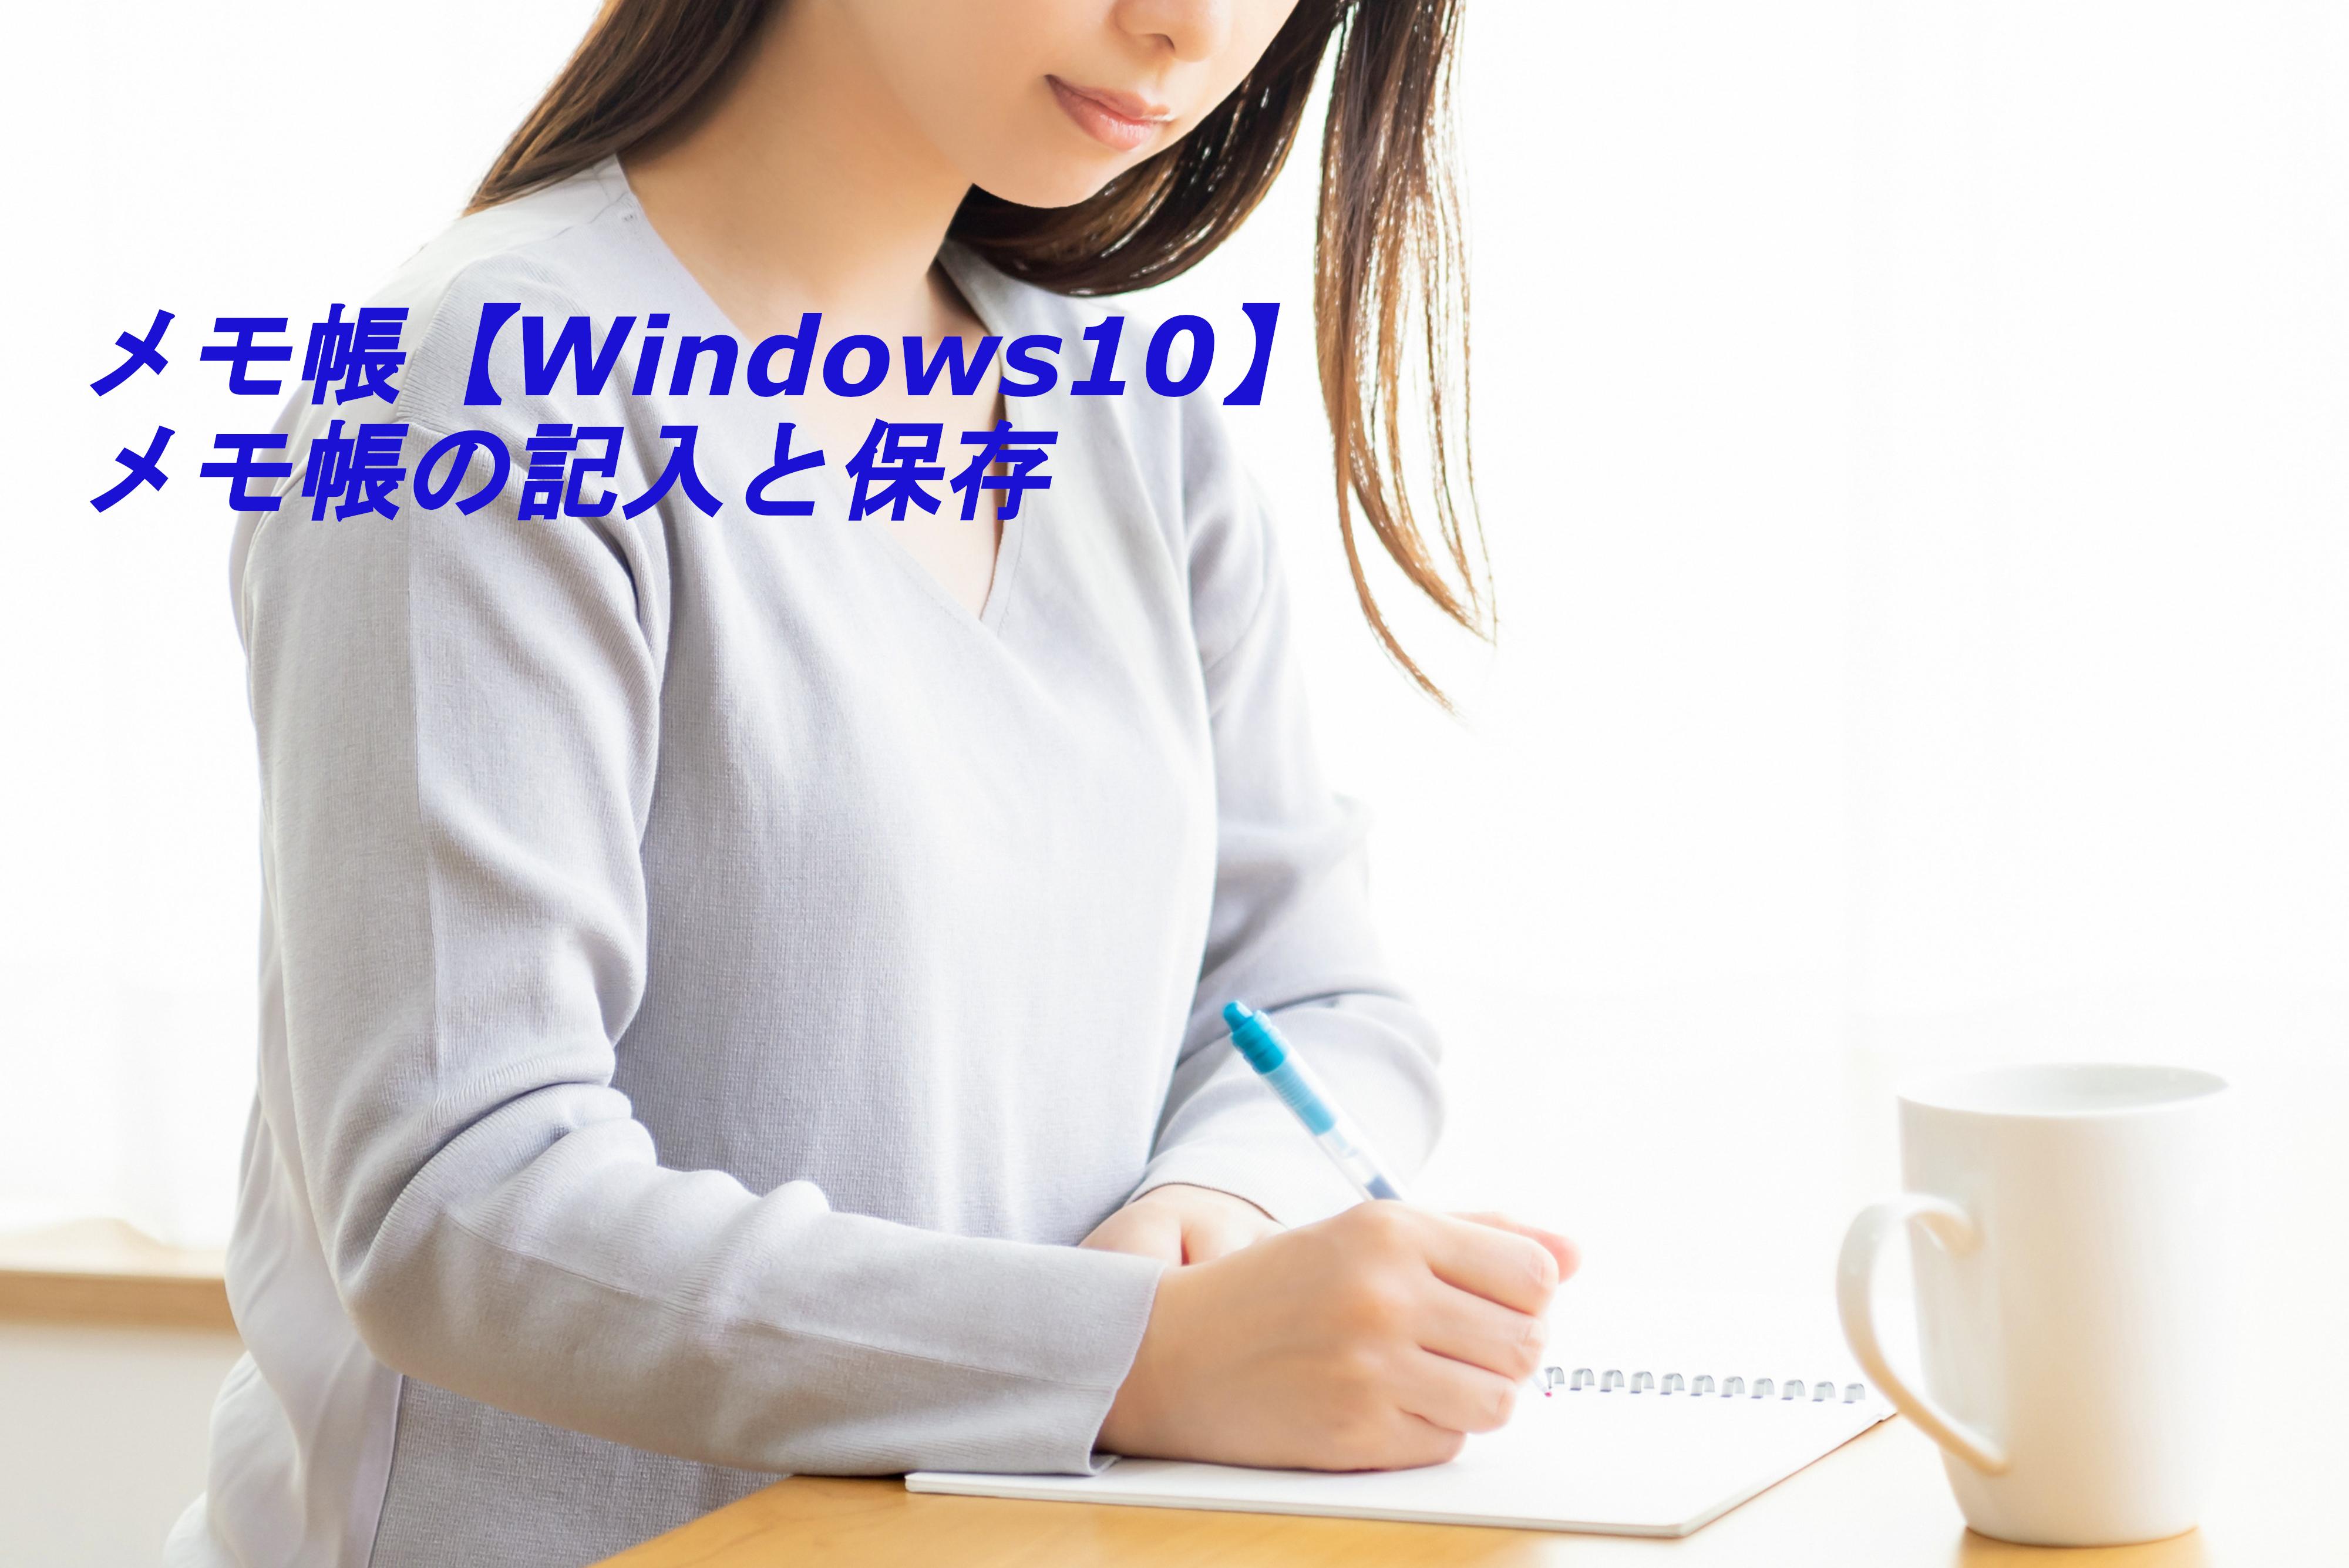 メモ帳の記入と保存【Windows10】